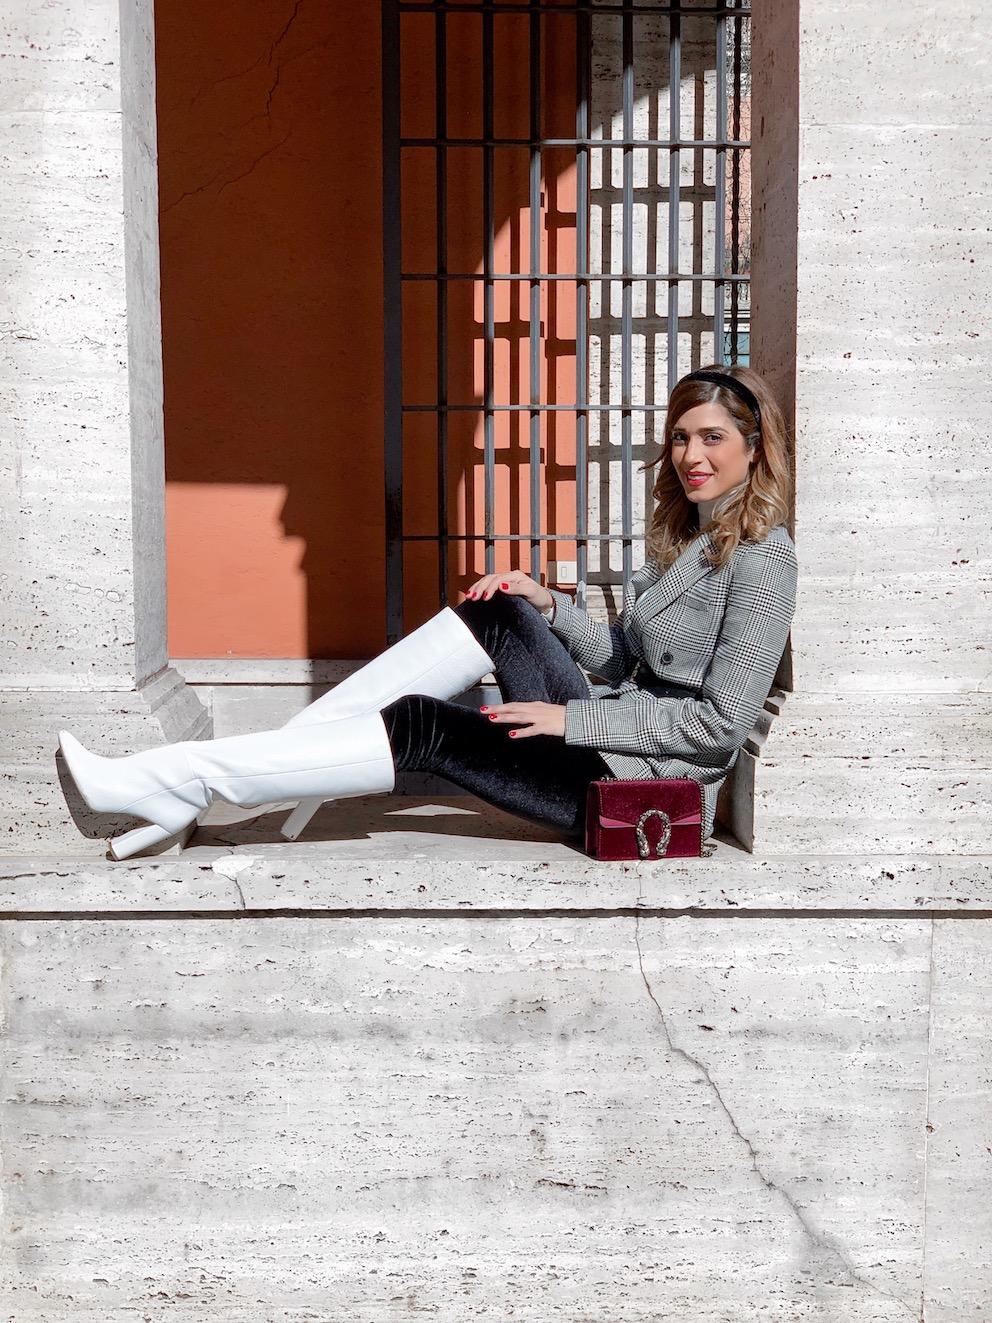 Stivali bianchi: tutto quello che devi sapere su questo trend